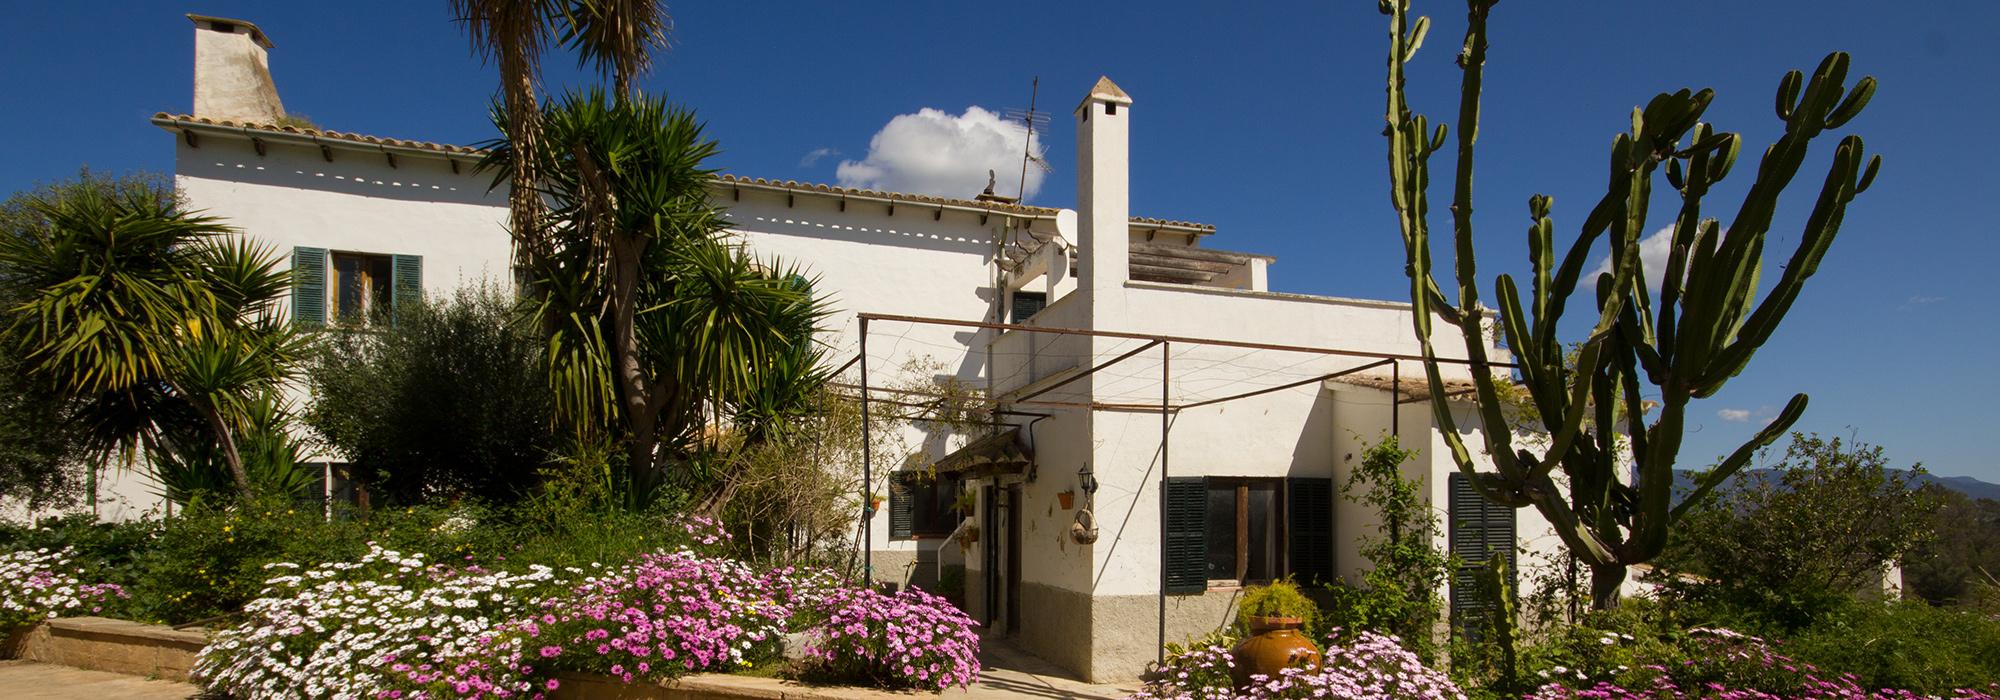 Casa a Reformar con Jardín, Piscina y Vistas Espectaculares a la Montaña en Venta cerca de Palma-uvm180